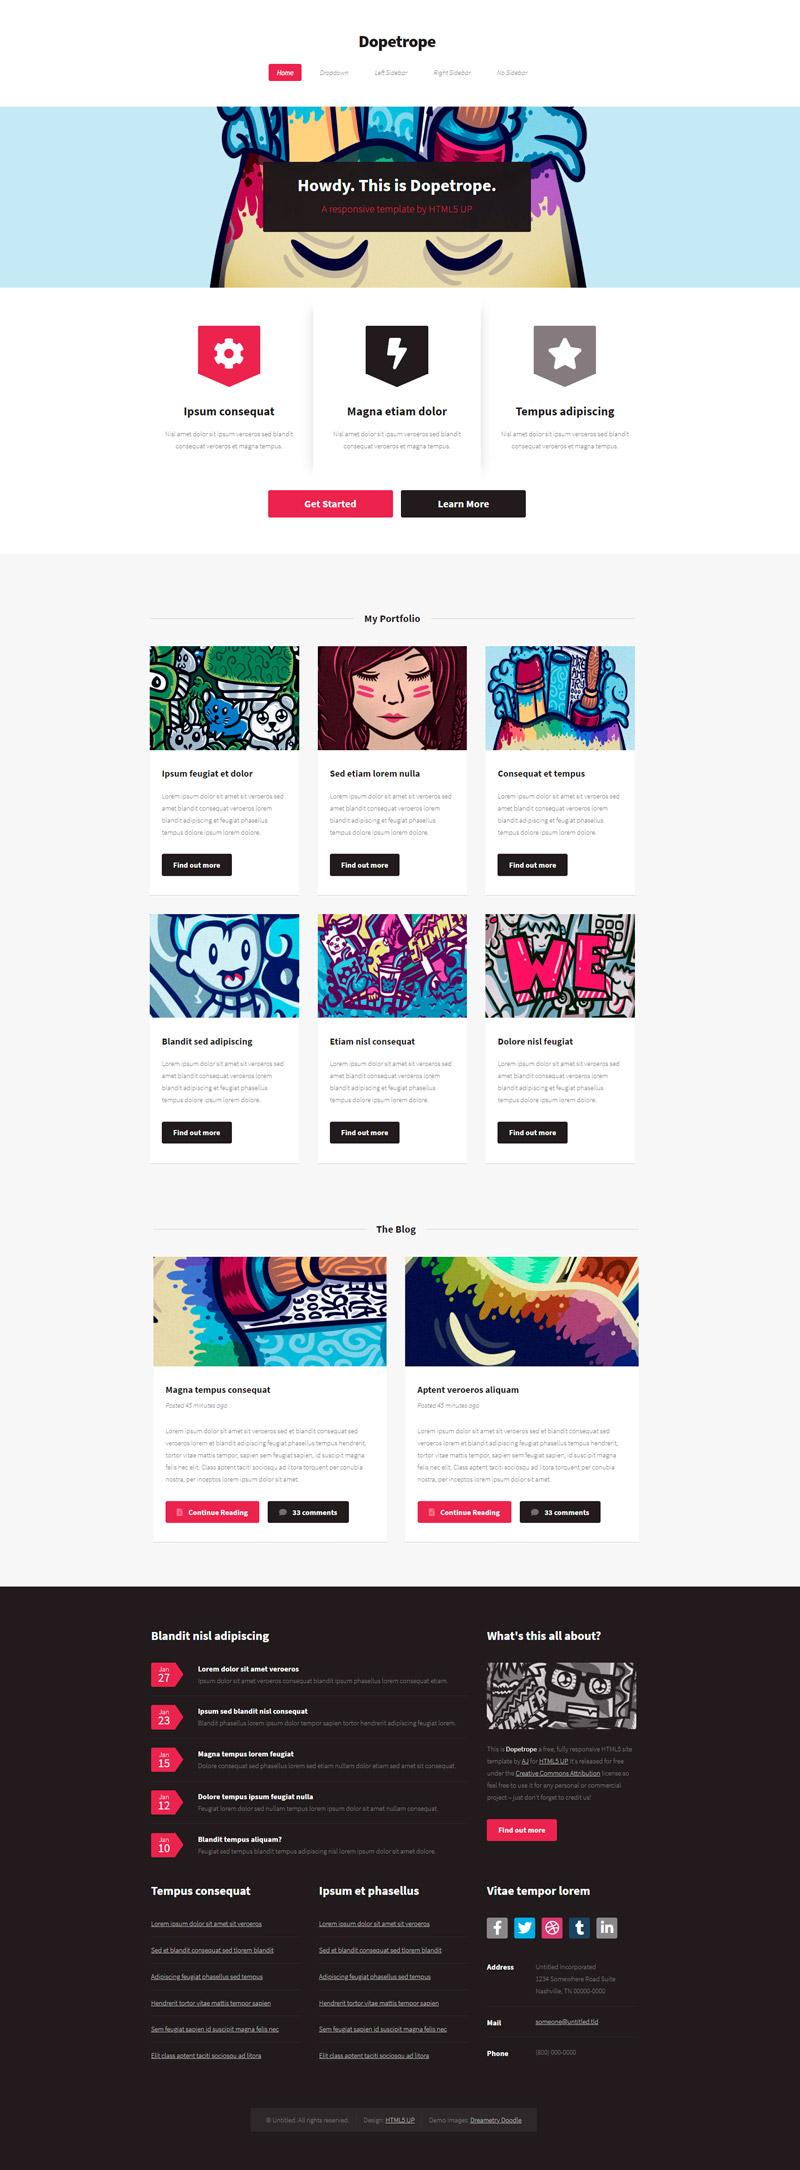 html+css шаблон сайта бесплатно комисксы, детский скачать бесплатно готовый онлайн